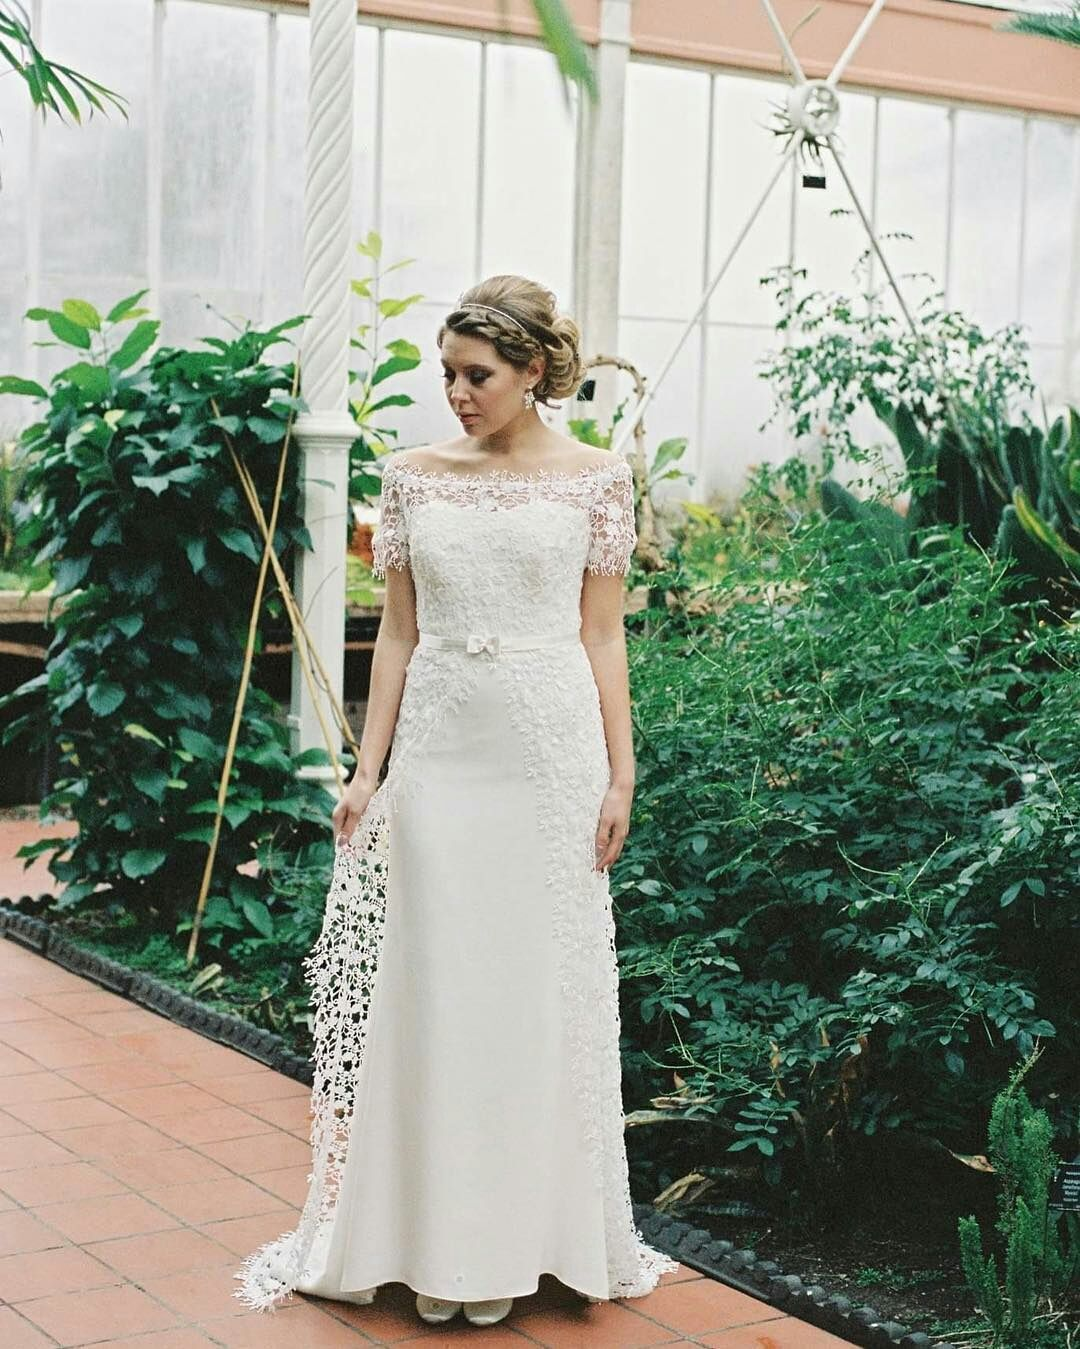 Custom wedding dress designers  Have off the shoulder short sleeve weddingdresses like this or